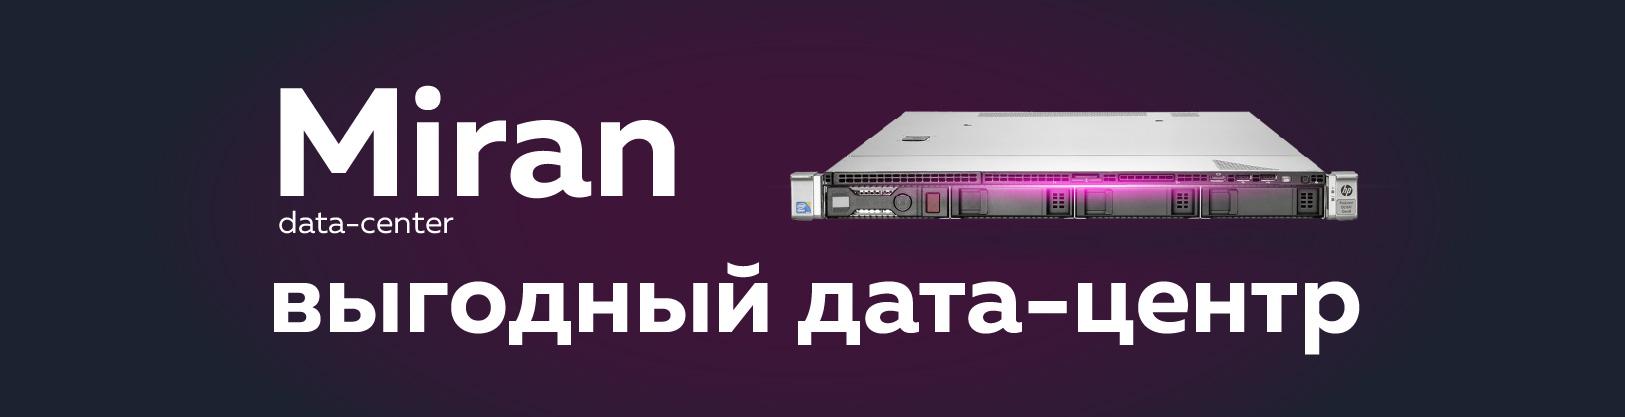 Домен corp.com выставлен на продажу. Он опасен для сотен тысяч корпоративных компьютеров под управлением Windows - 6